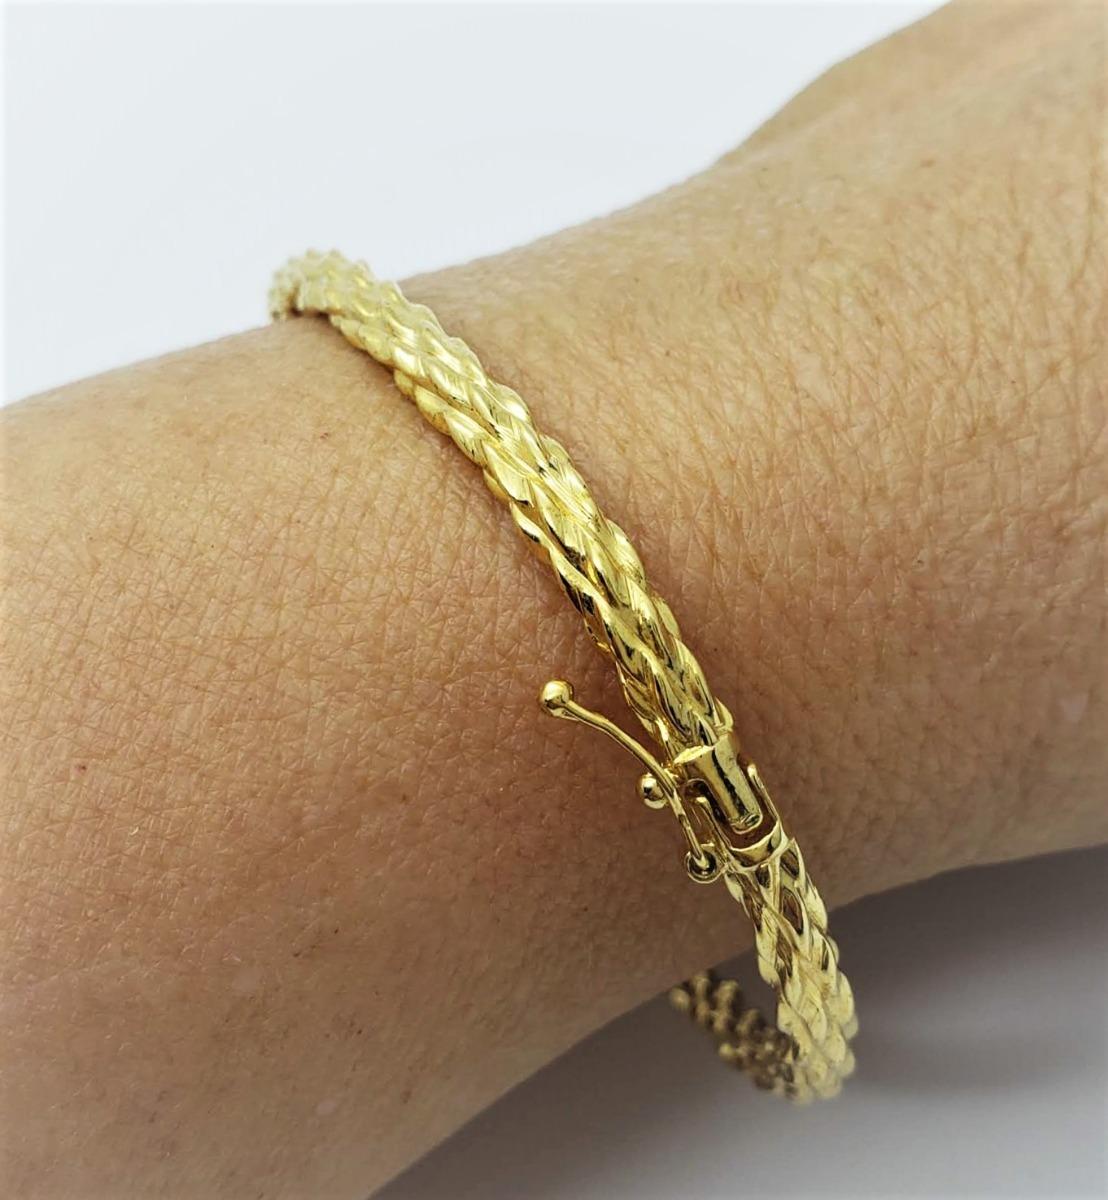 Bracelete Articulado Algema Trançado Banho Ouro 18k 1755 - R  59,00 ... 5412e44a2a